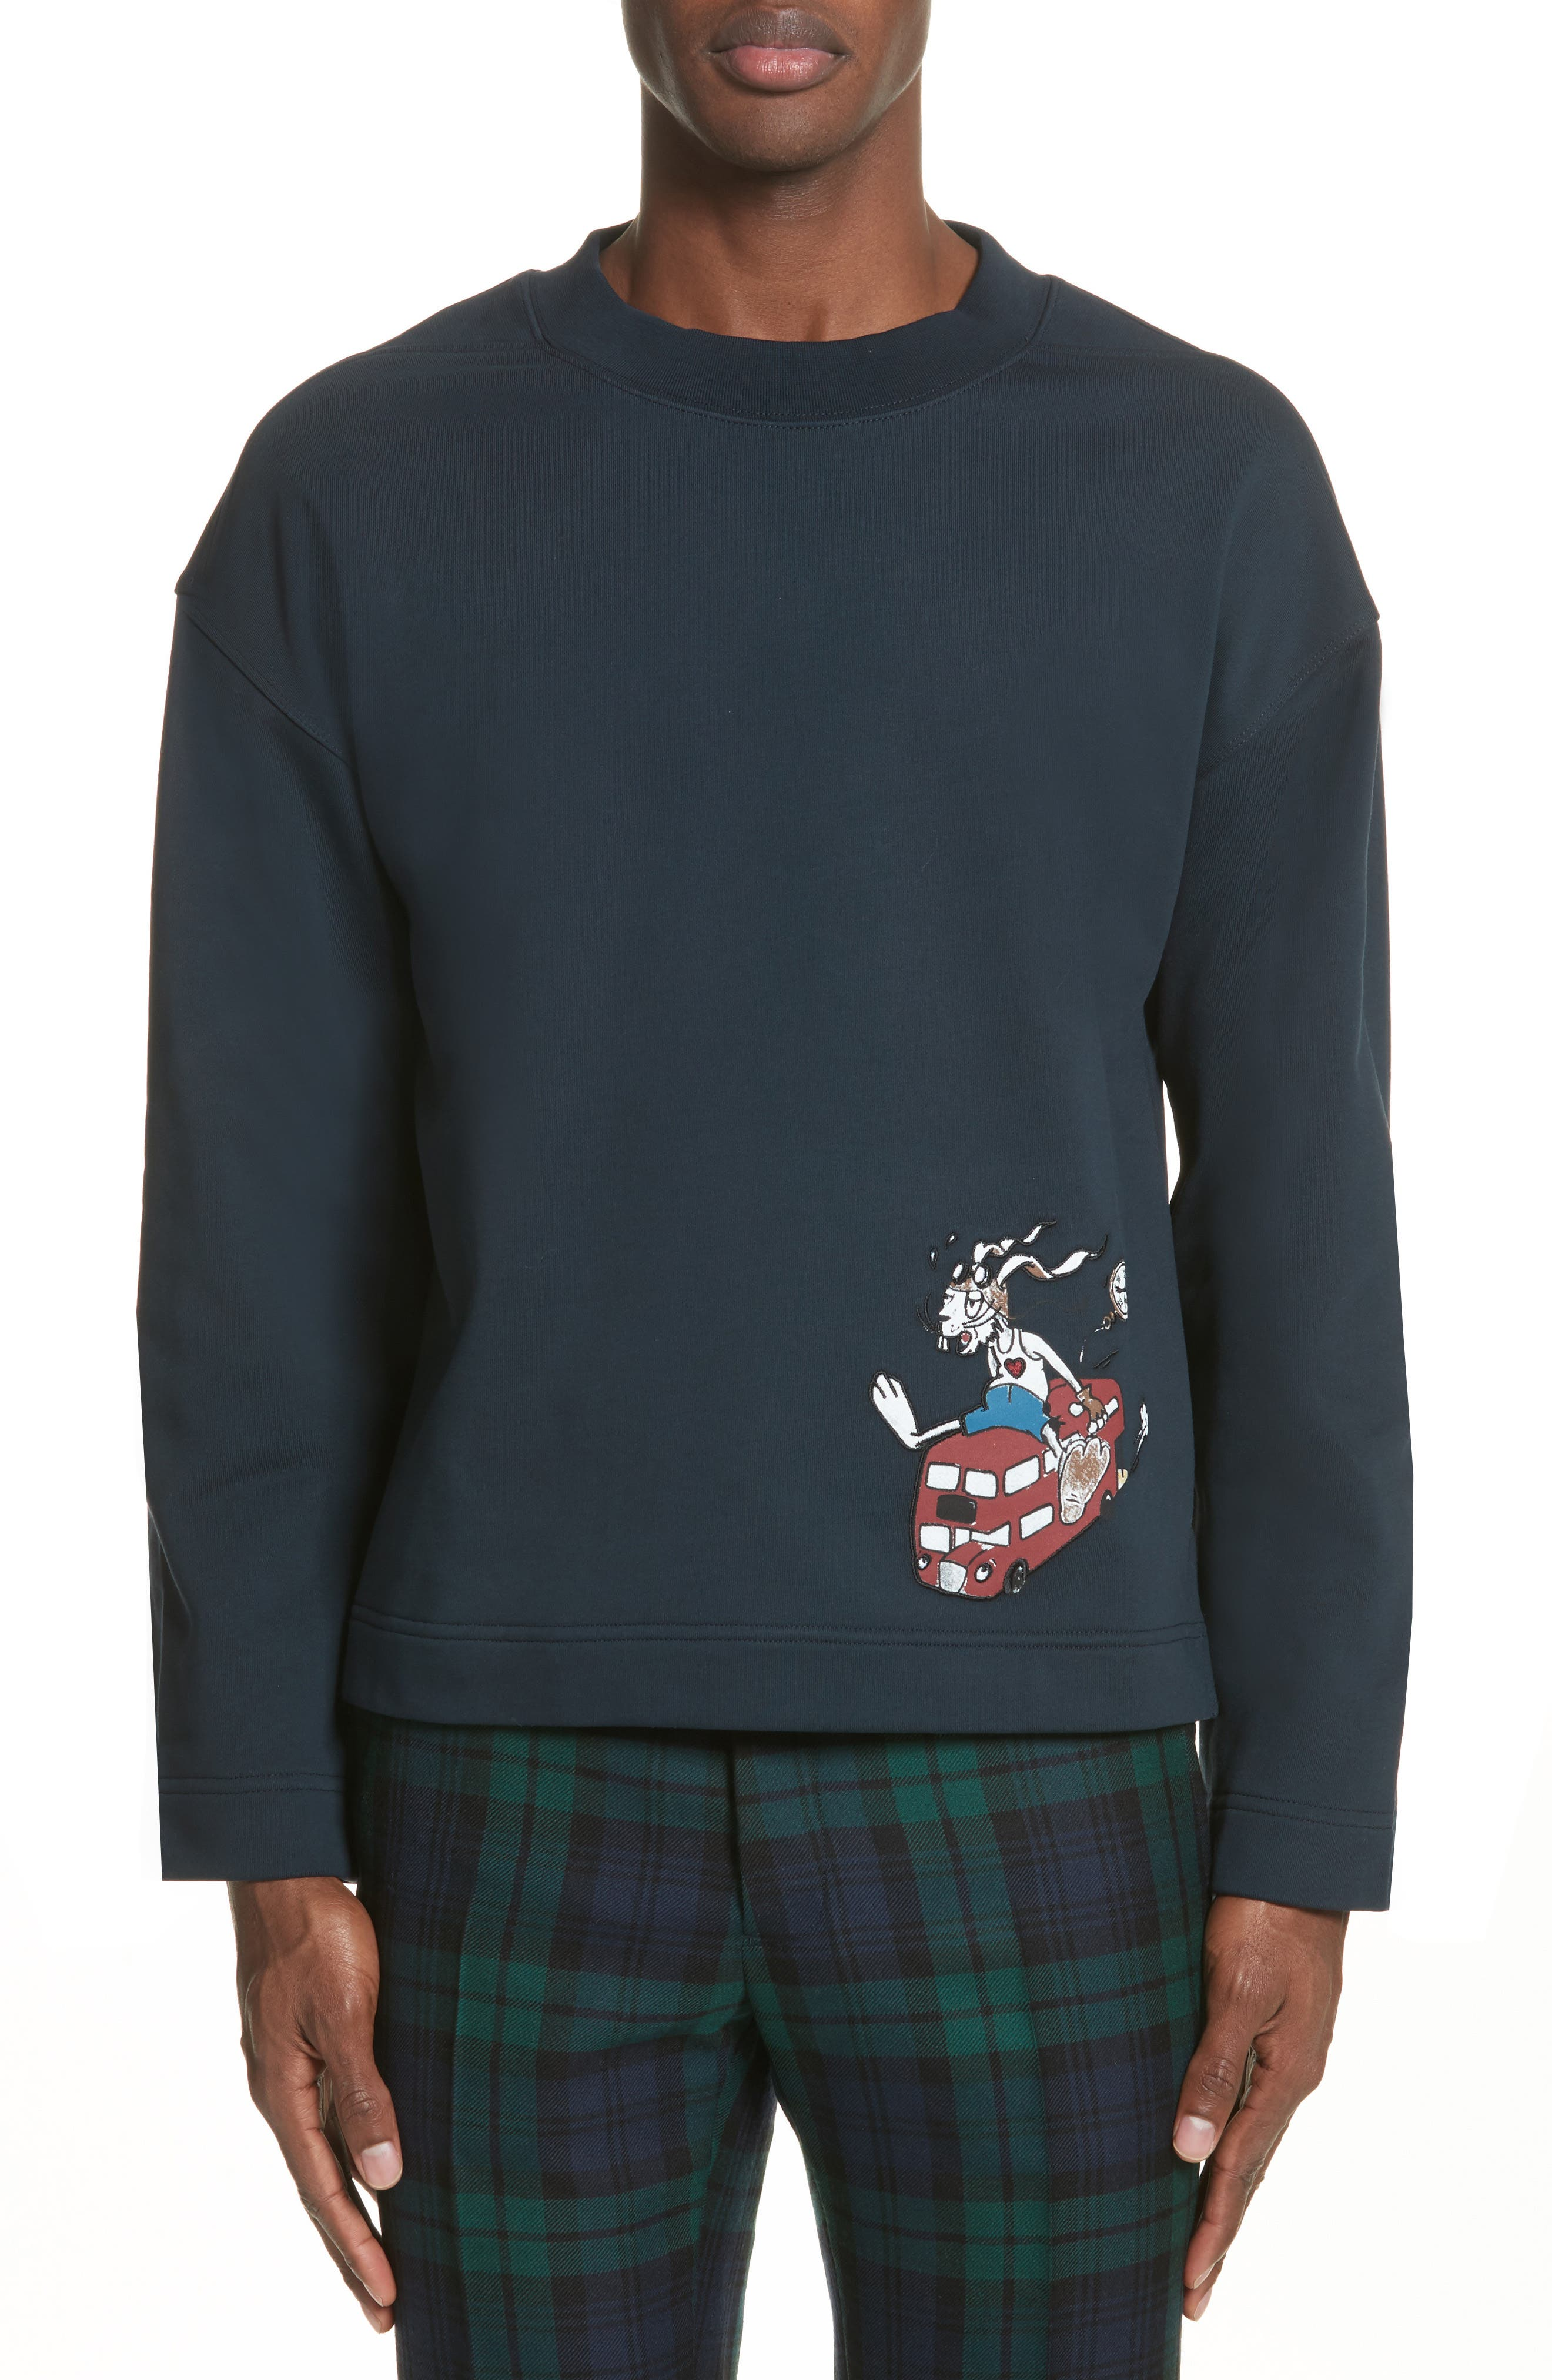 Sketch Print Appliquéd Cropped Sweatshirt,                         Main,                         color,